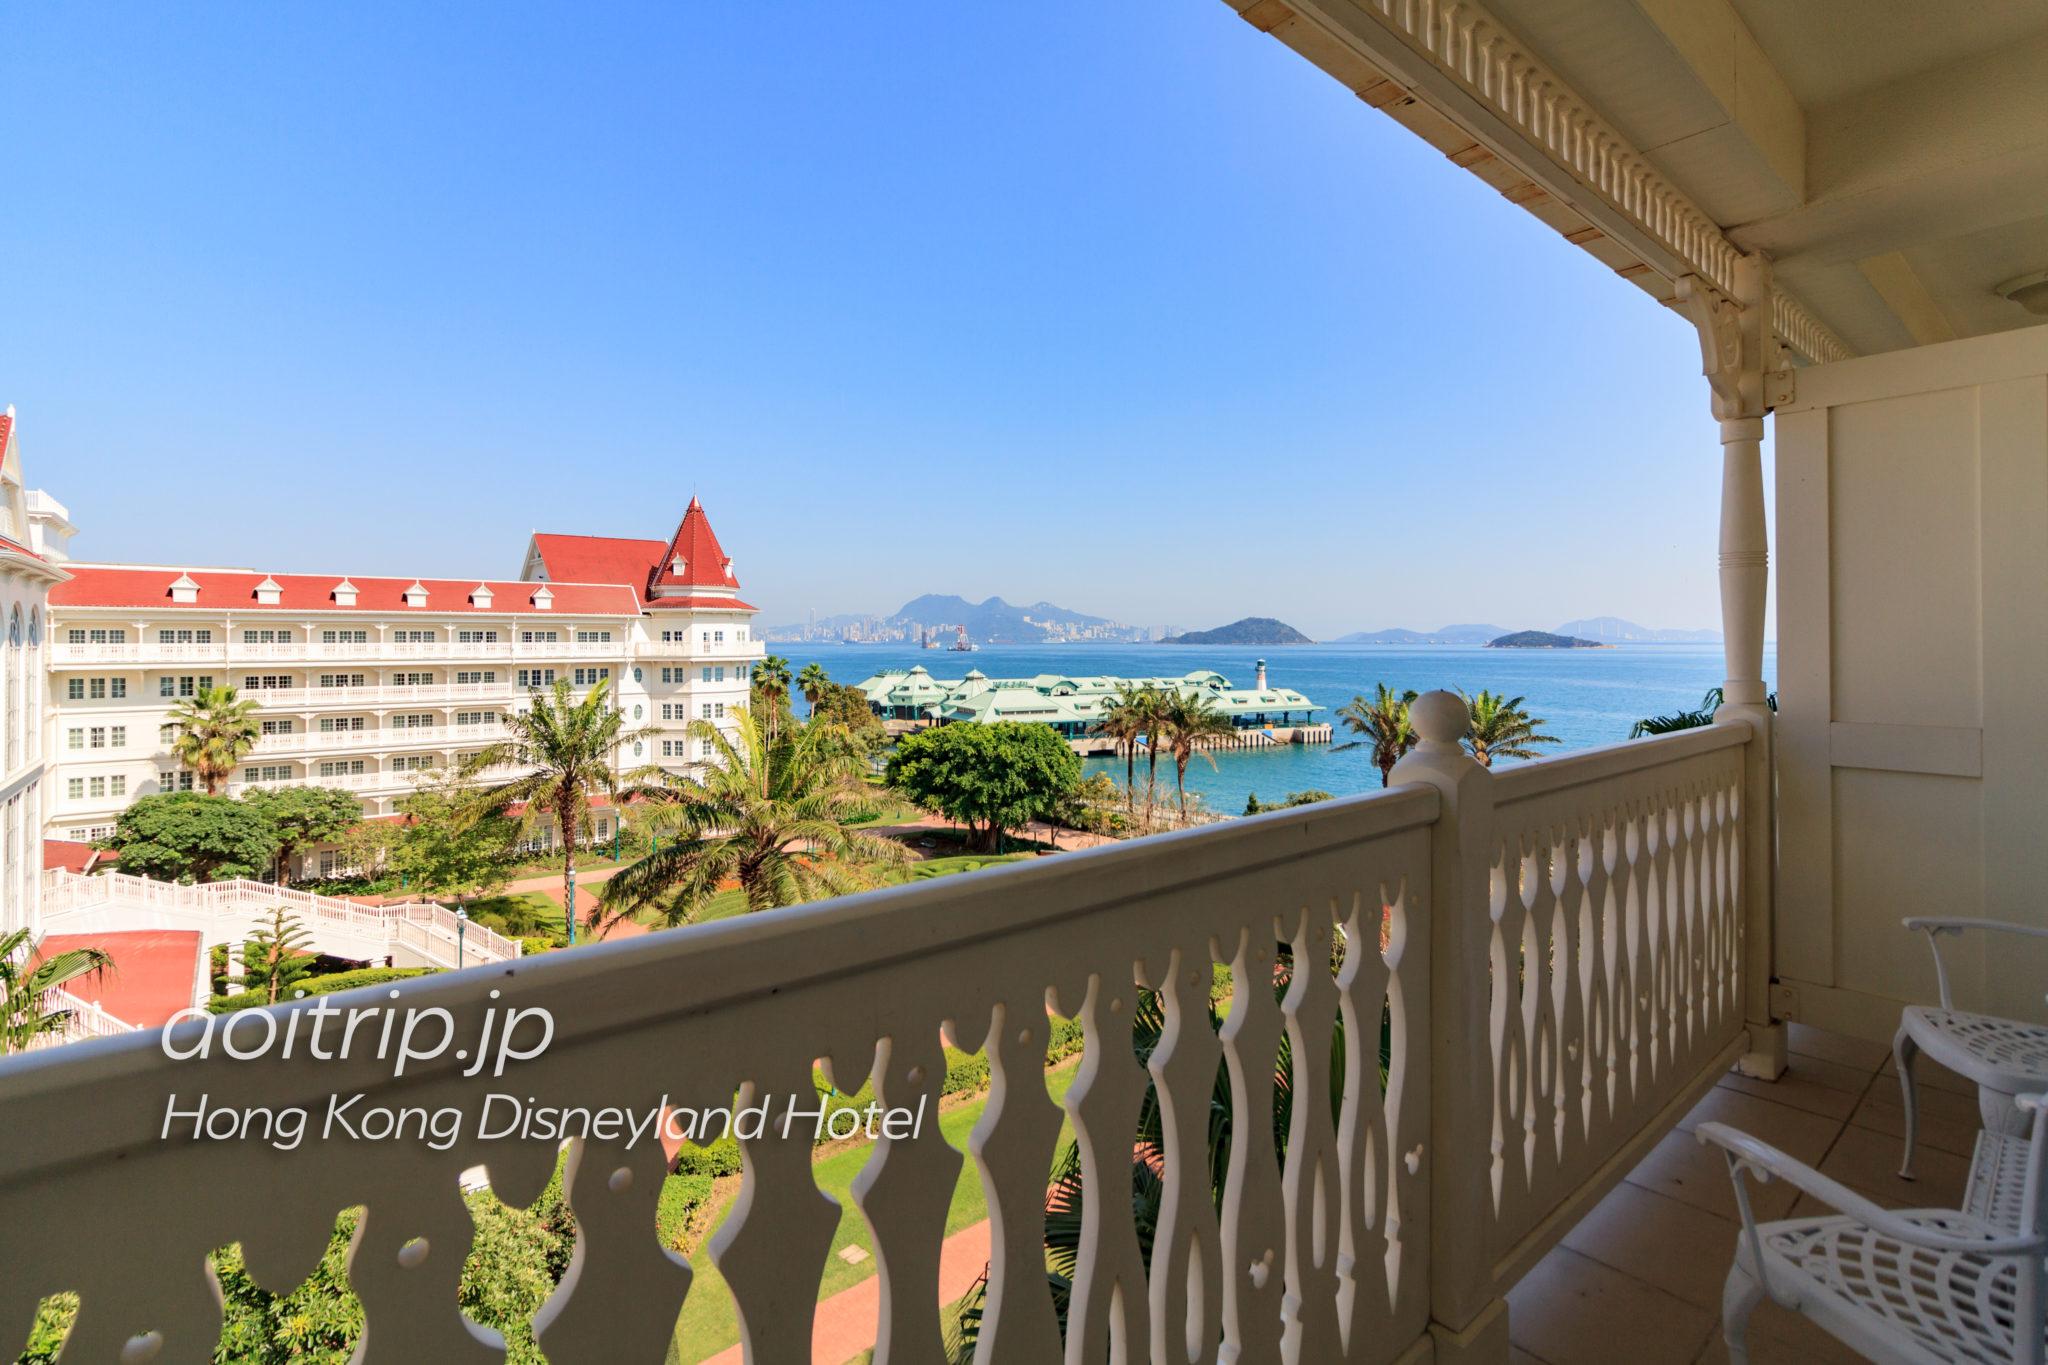 香港ディズニーランドホテル キングダムクラブルームのバルコニーの眺望